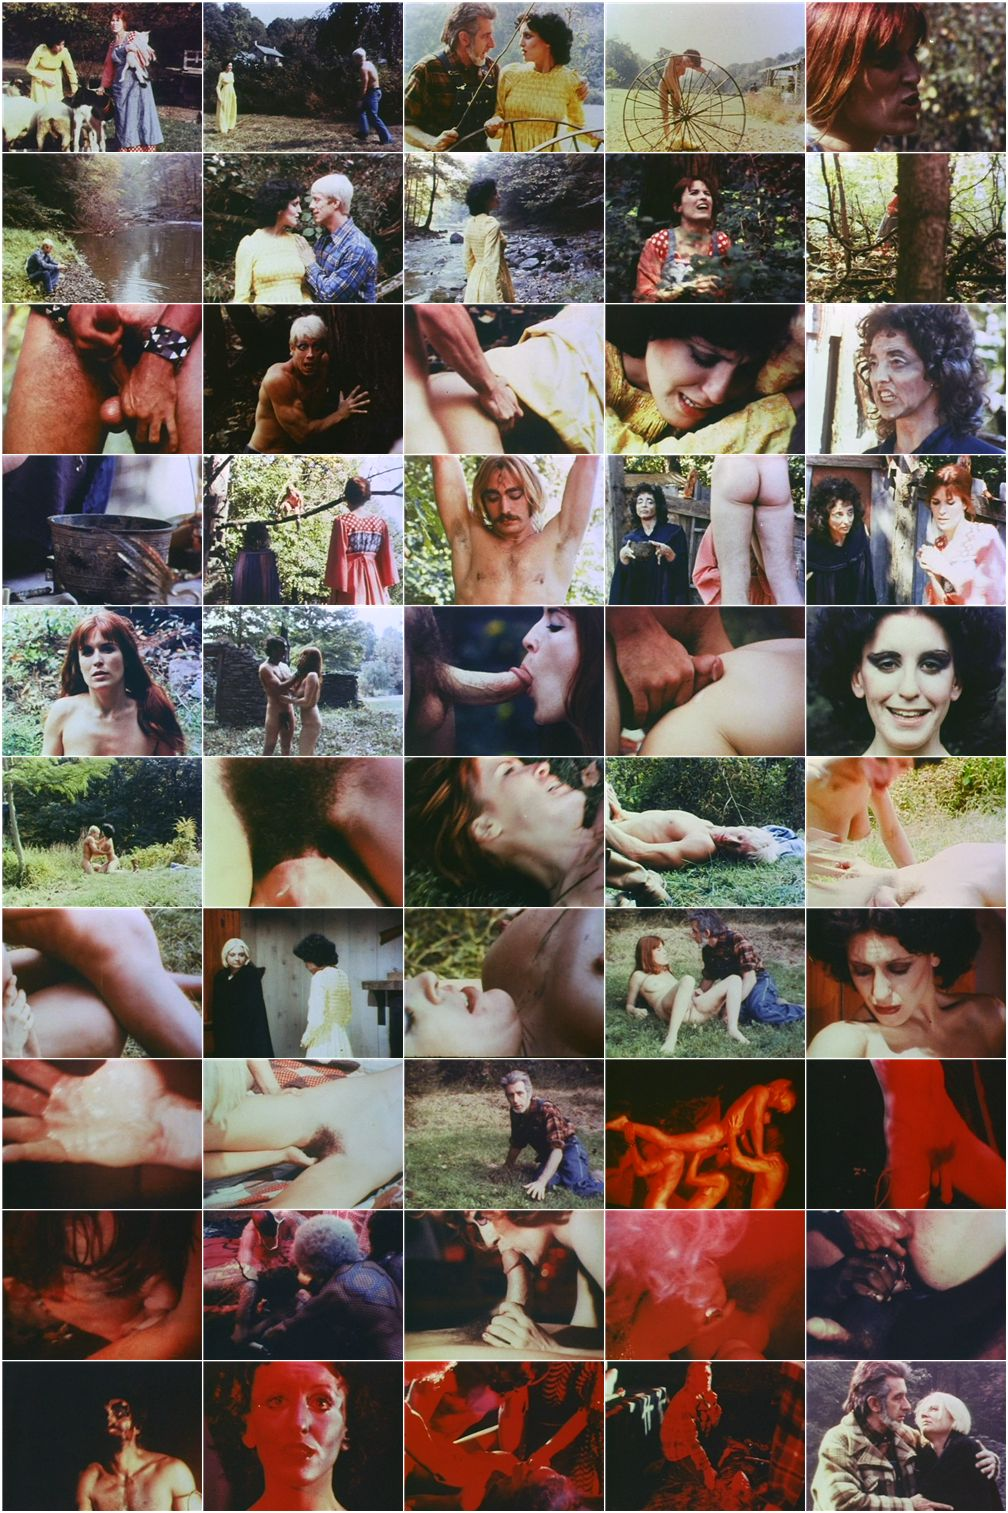 Короткометражные фильмы эротика смотреть